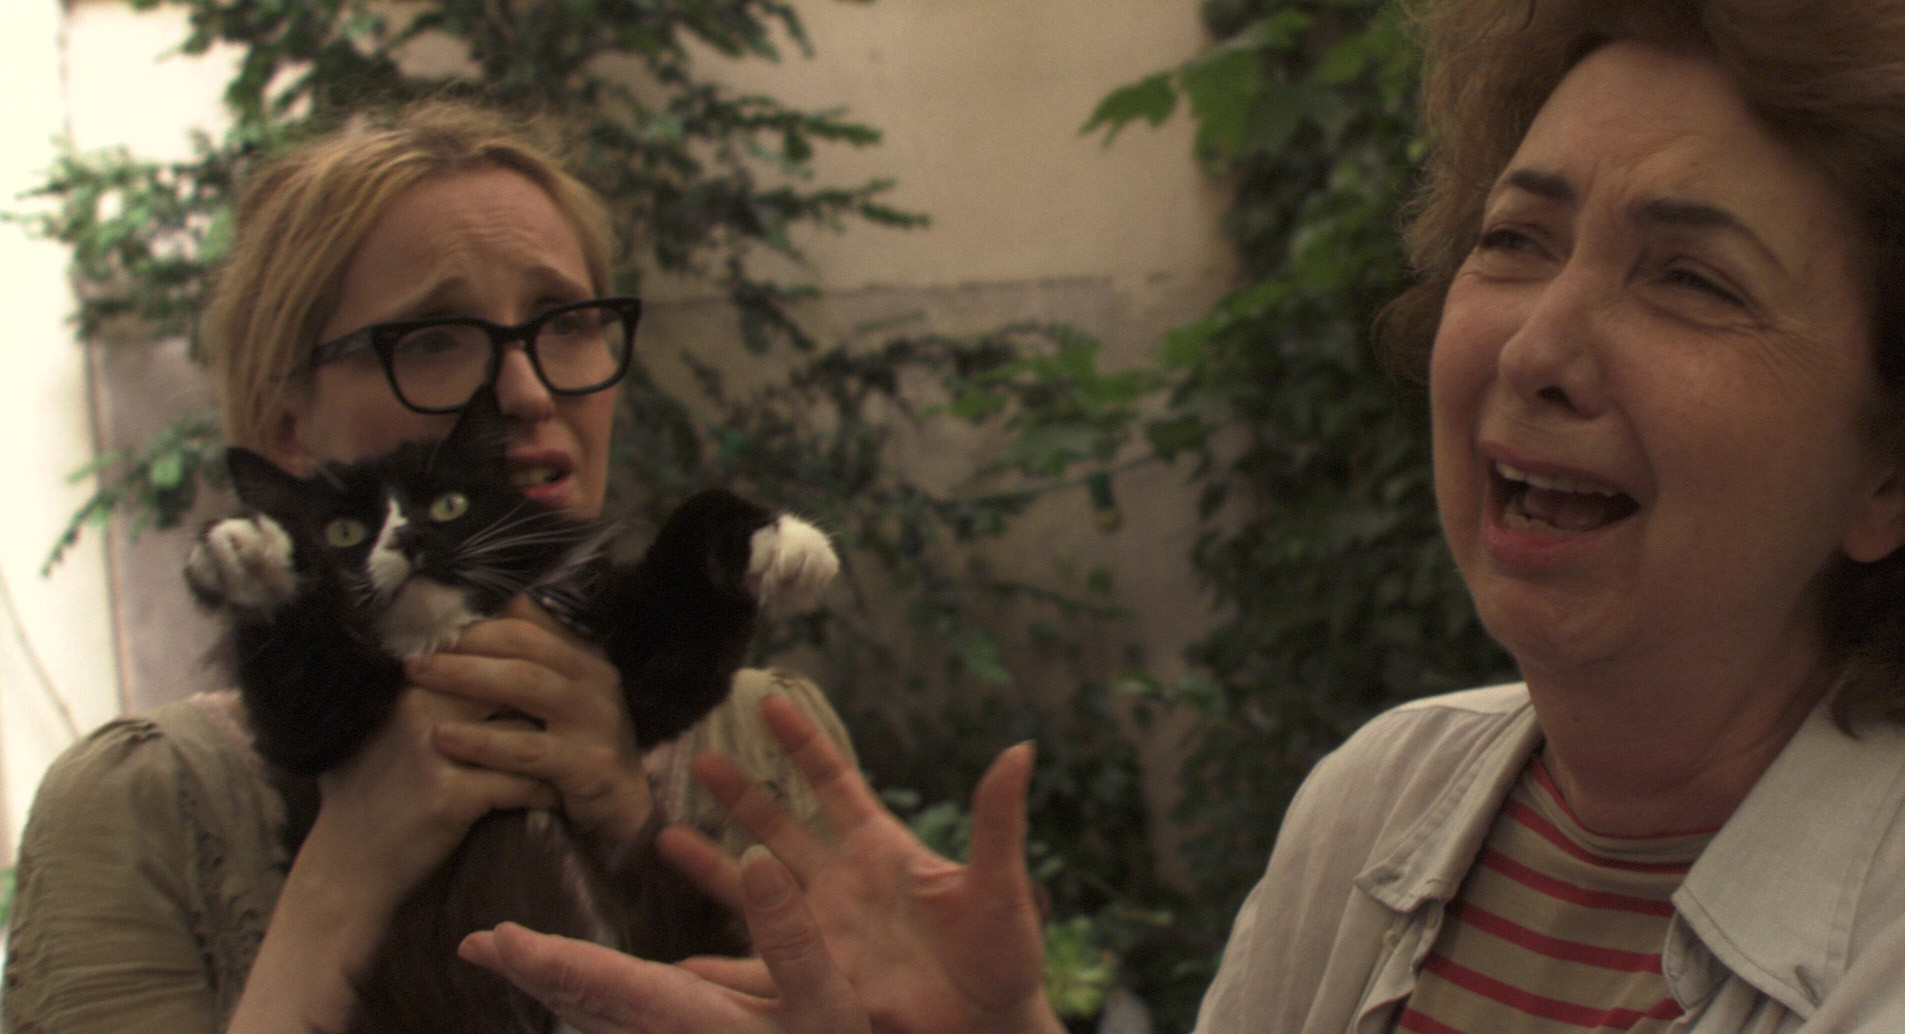 кадры из фильма Два дня в Париже Жюли Дельпи, Мари Пийе,